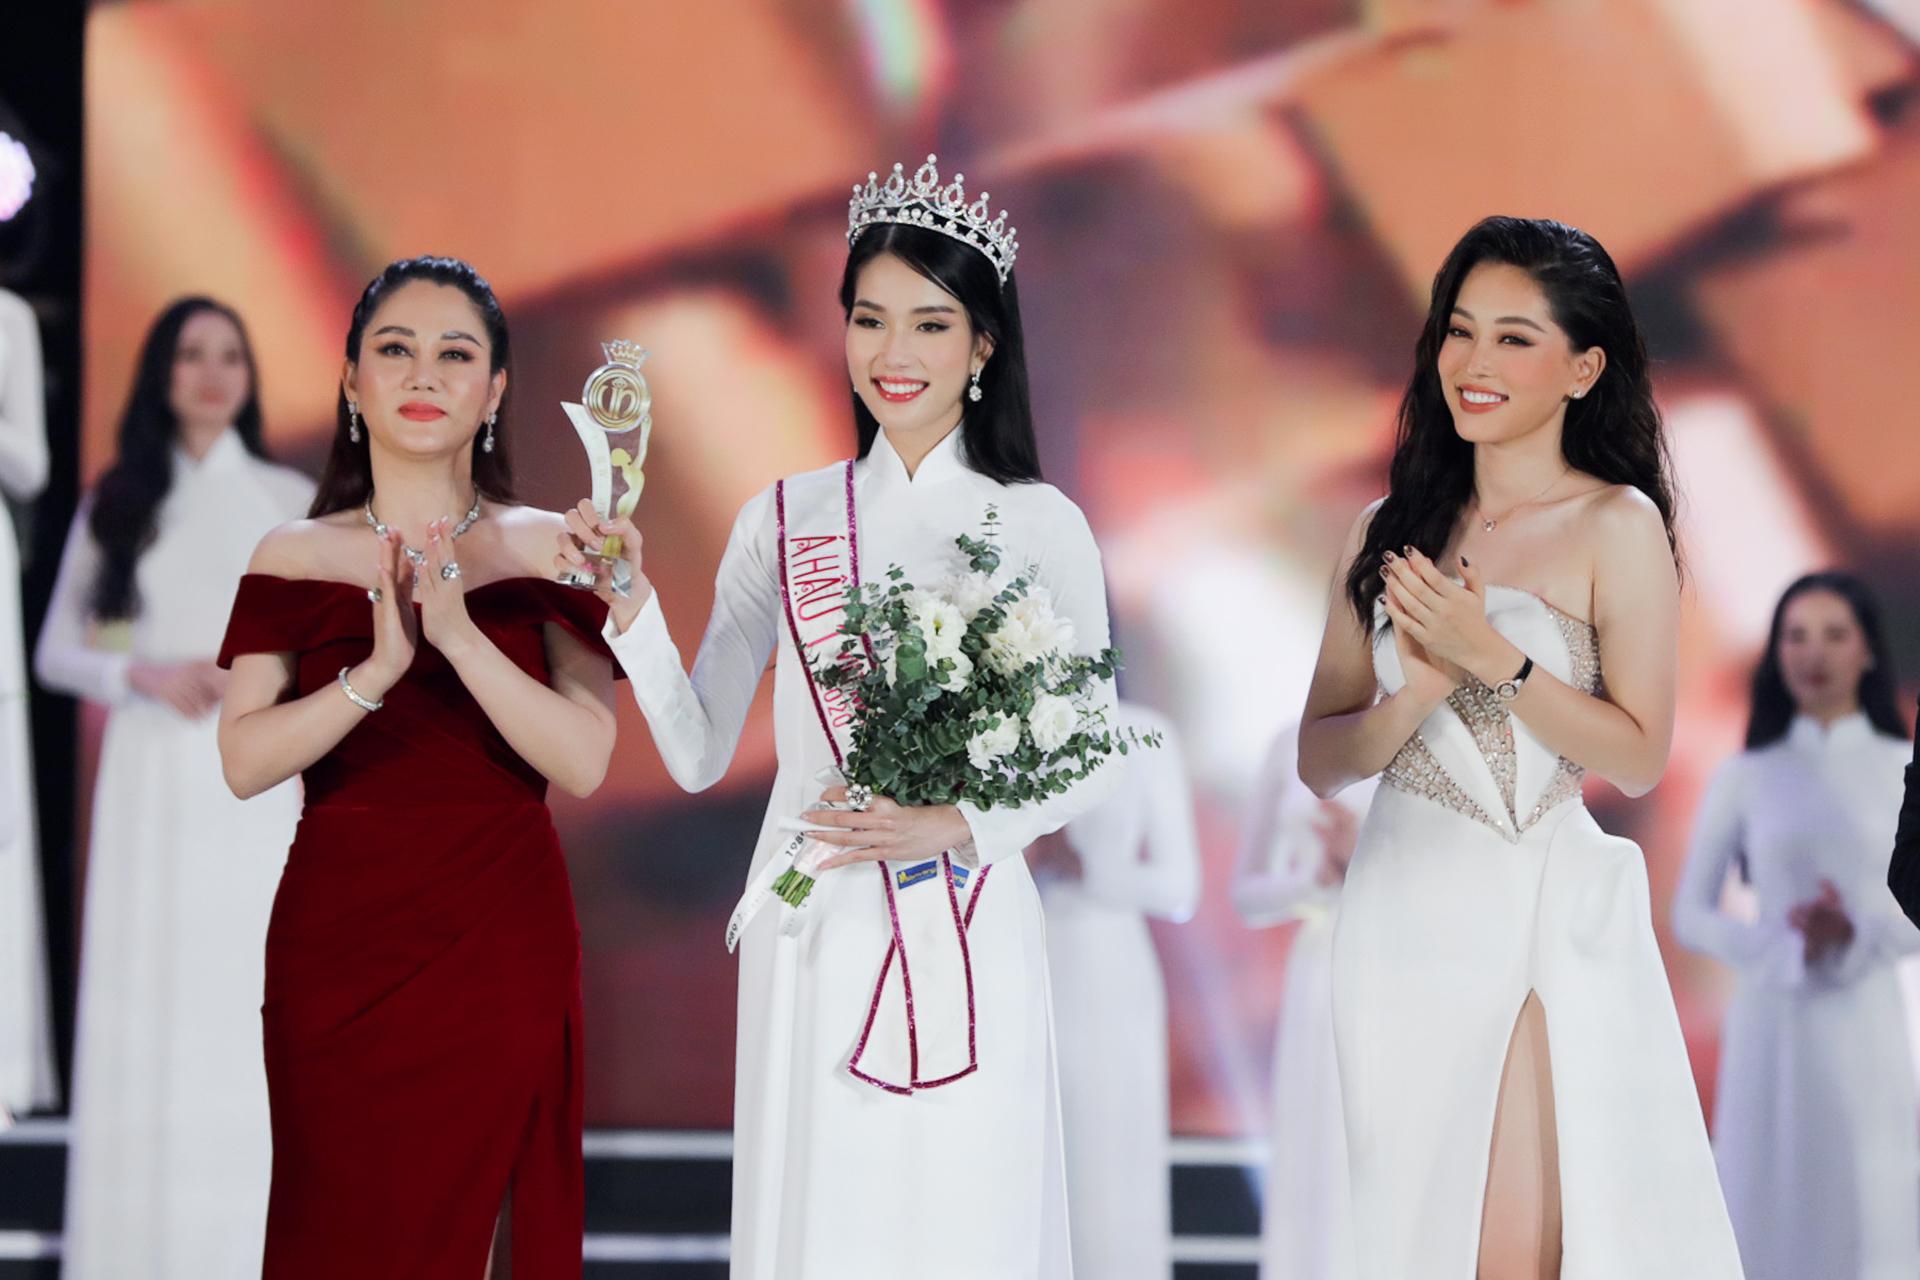 Chung kết HHVN 2020 chọn áo dài trắng nhạt nhoà làm trang phục đăng quang, khiến người xem thắc mắc: Giải Hoa khôi trường hay gì? - Ảnh 4.